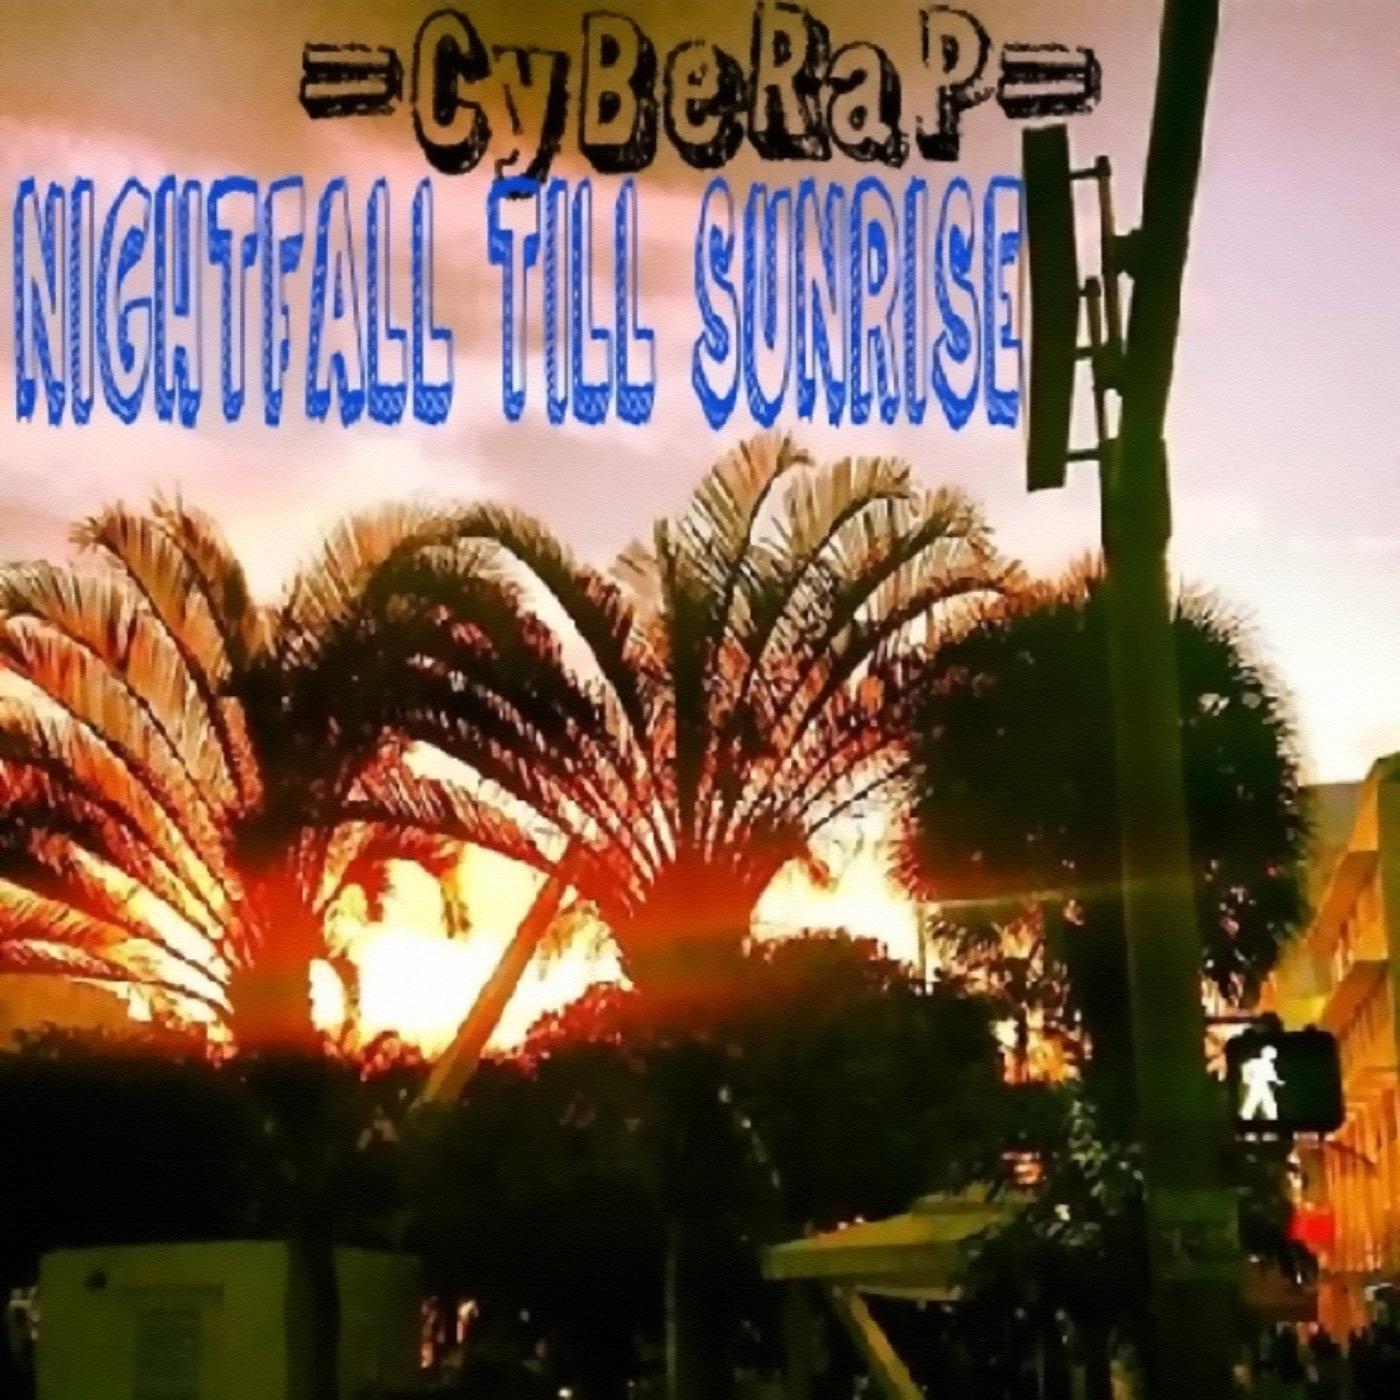 Nightfall Till Sunrise